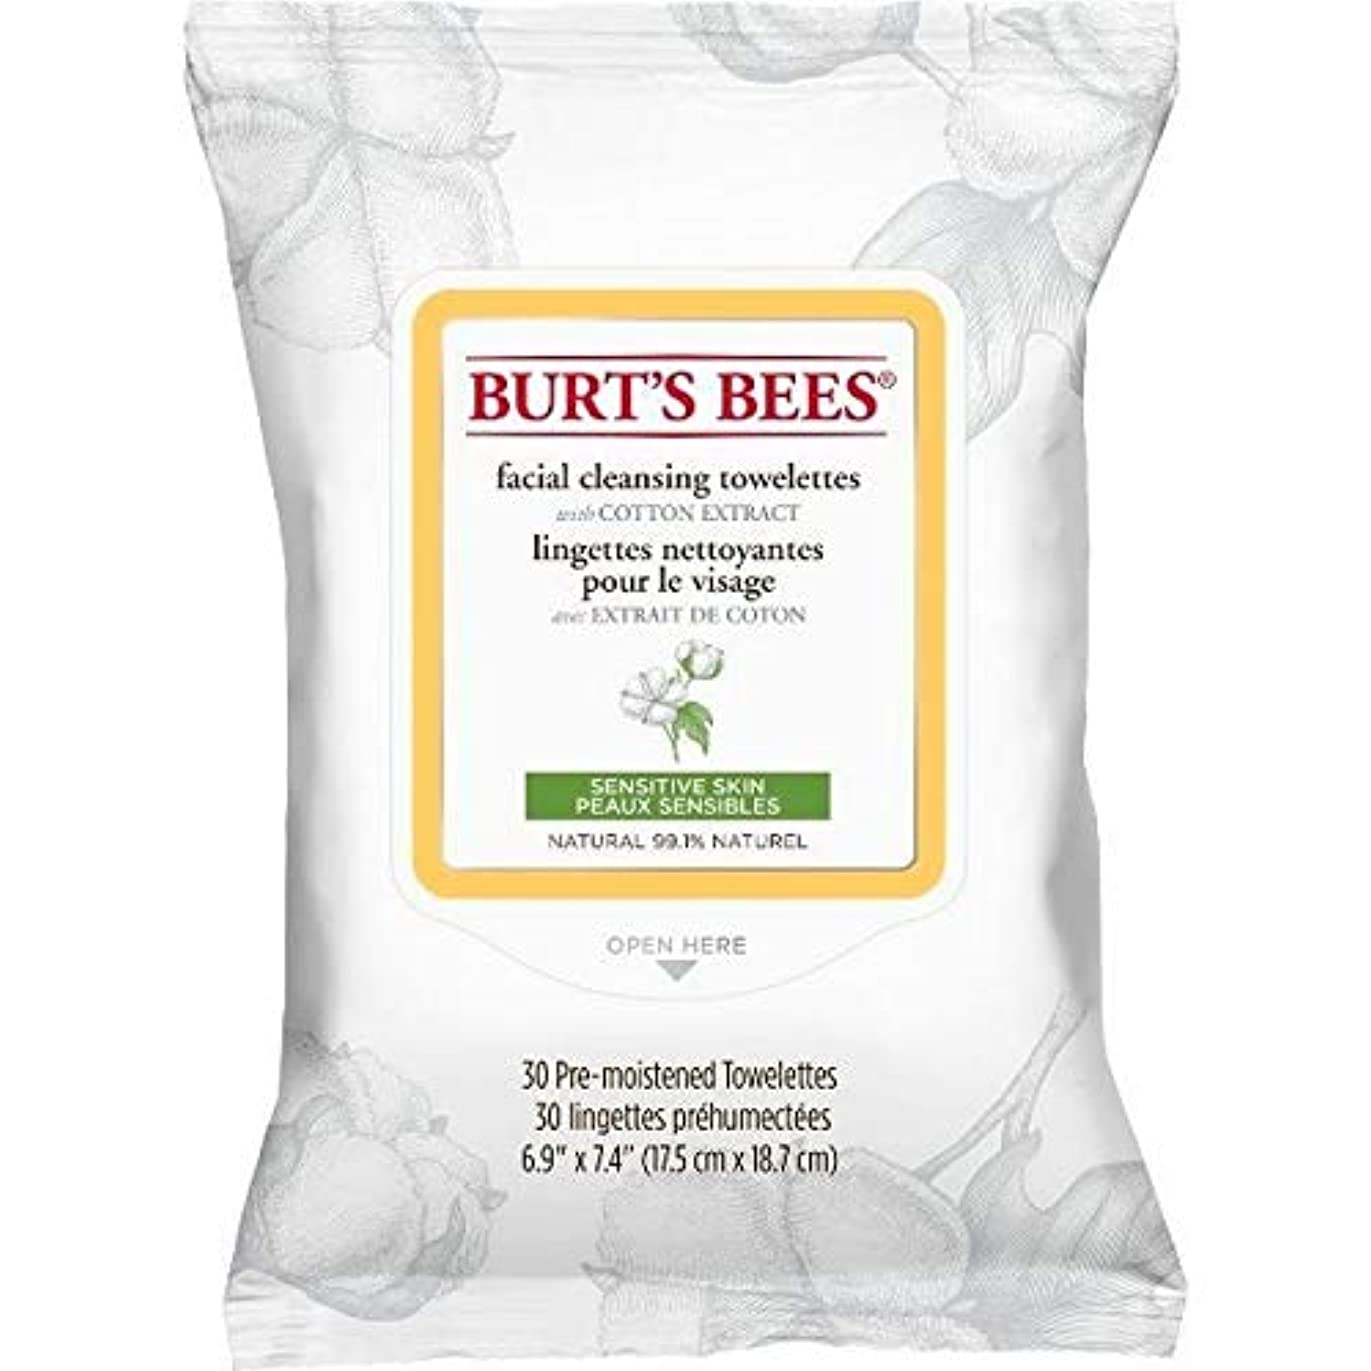 抑圧者犯すメトリック[Burt's Bees ] バーツビー敏感な顔の浄化用ペーパータオルエキスX30 - Burt's Bees Sensitive Facial Cleanse Towelettes Extract x30 [並行輸入品]